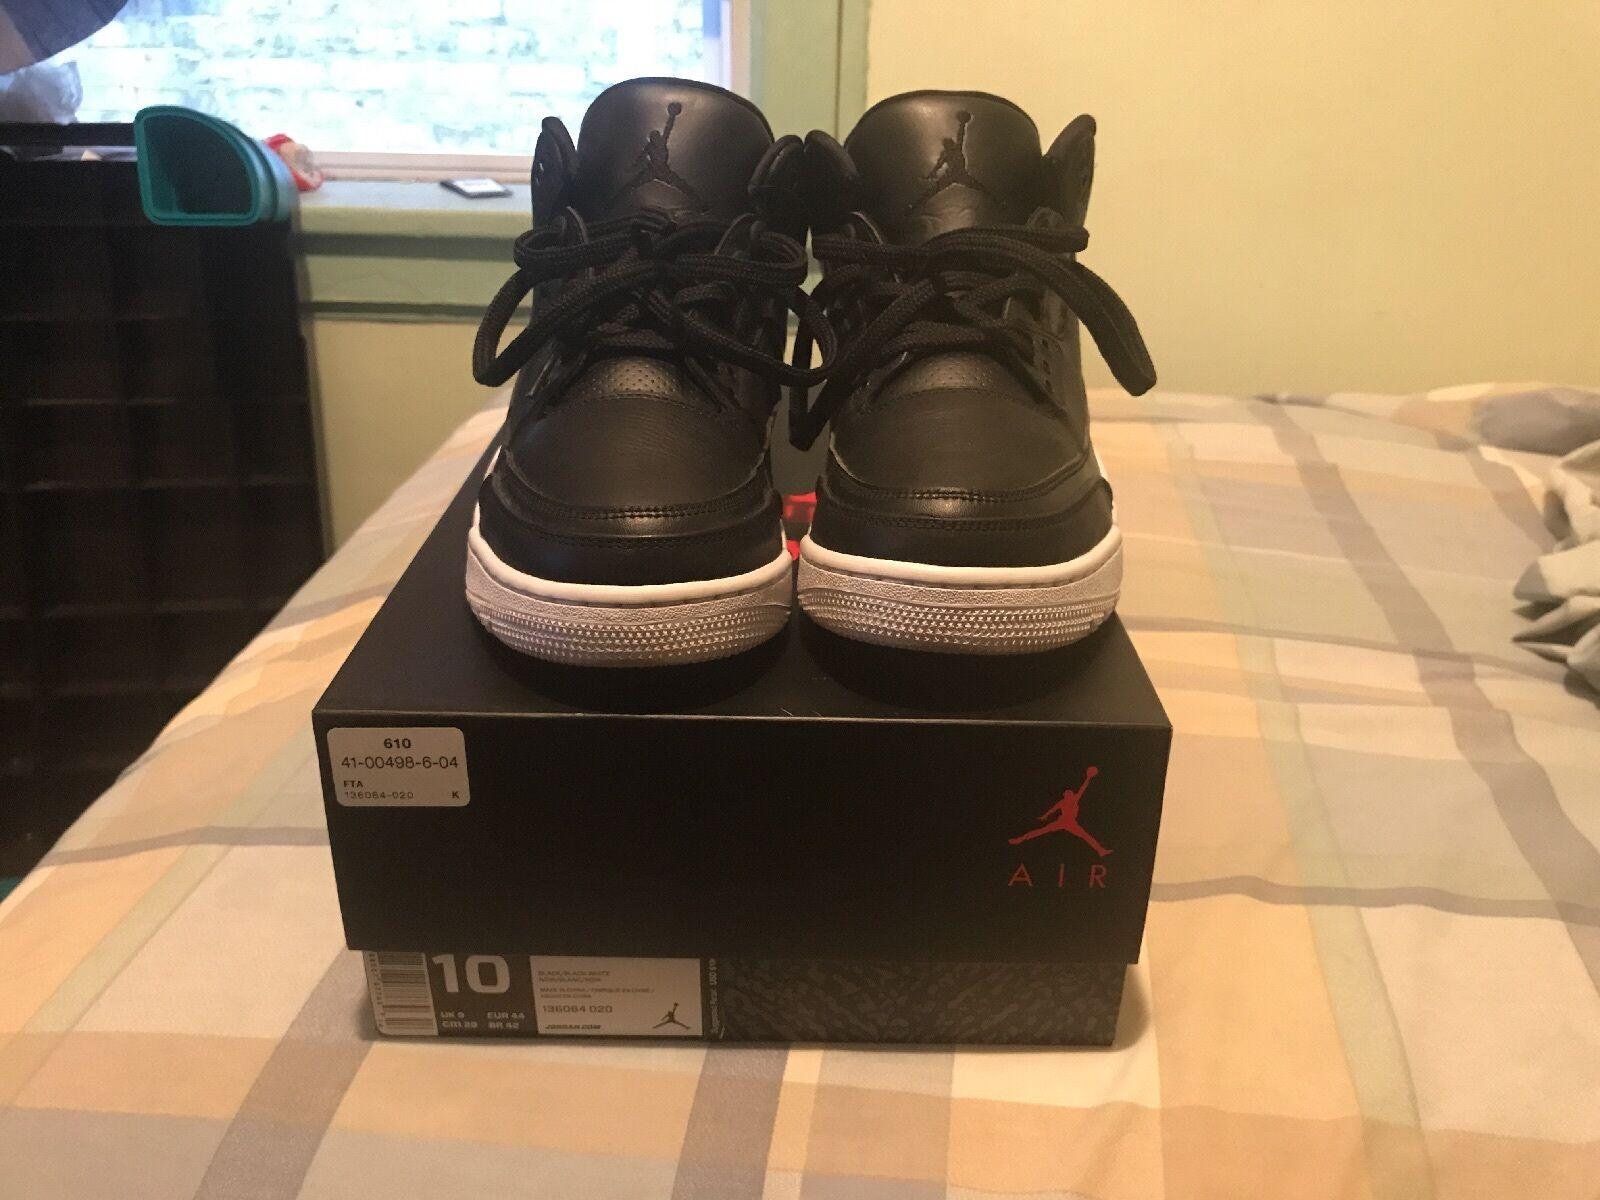 Jordan 3 Size Cyber Monday - Size 3 10 cf2b96